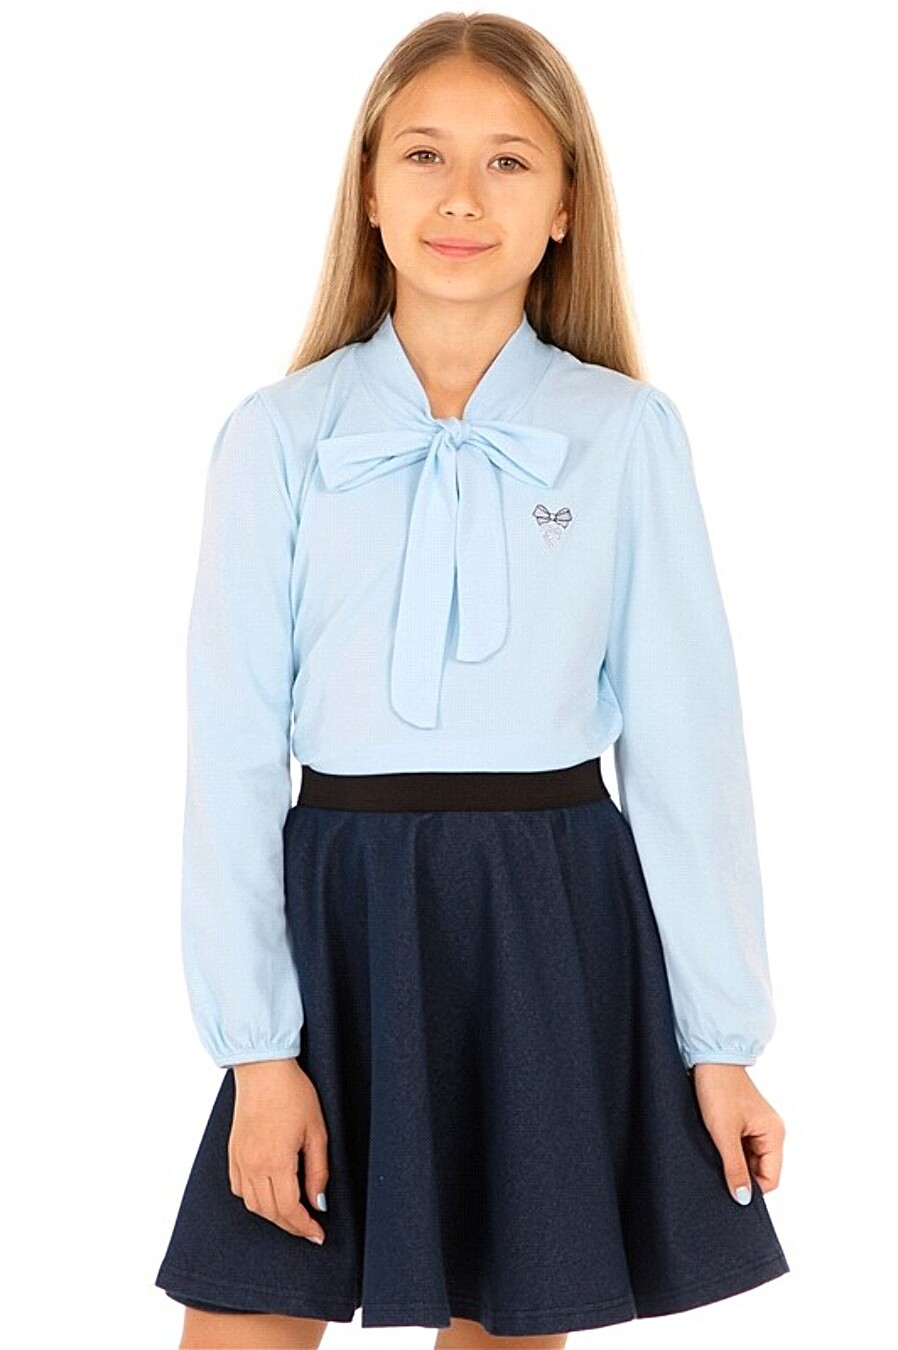 Джемпер для девочек Archi 158180 купить оптом от производителя. Совместная покупка детской одежды в OptMoyo